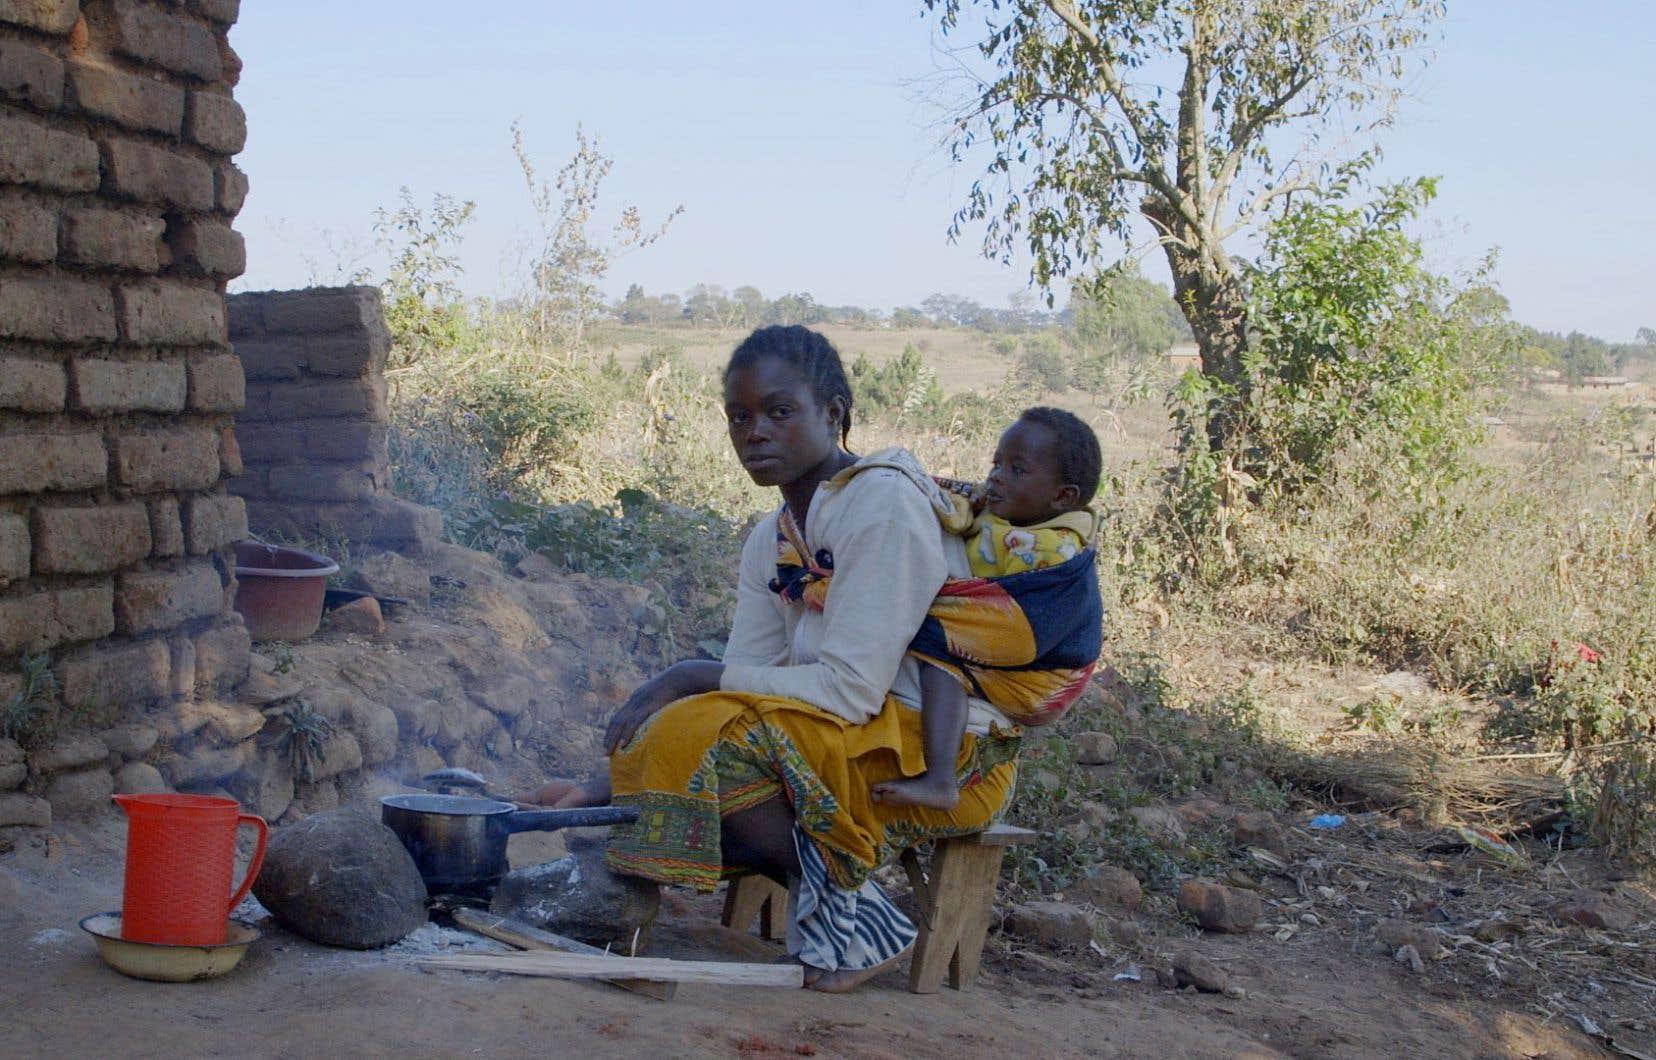 Dévorés par un système qui en fait des esclaves consentants, les paysans de la mondialisation présentés dans le film «Les dépossédés» peinent à vivre de leur gagne-pain.